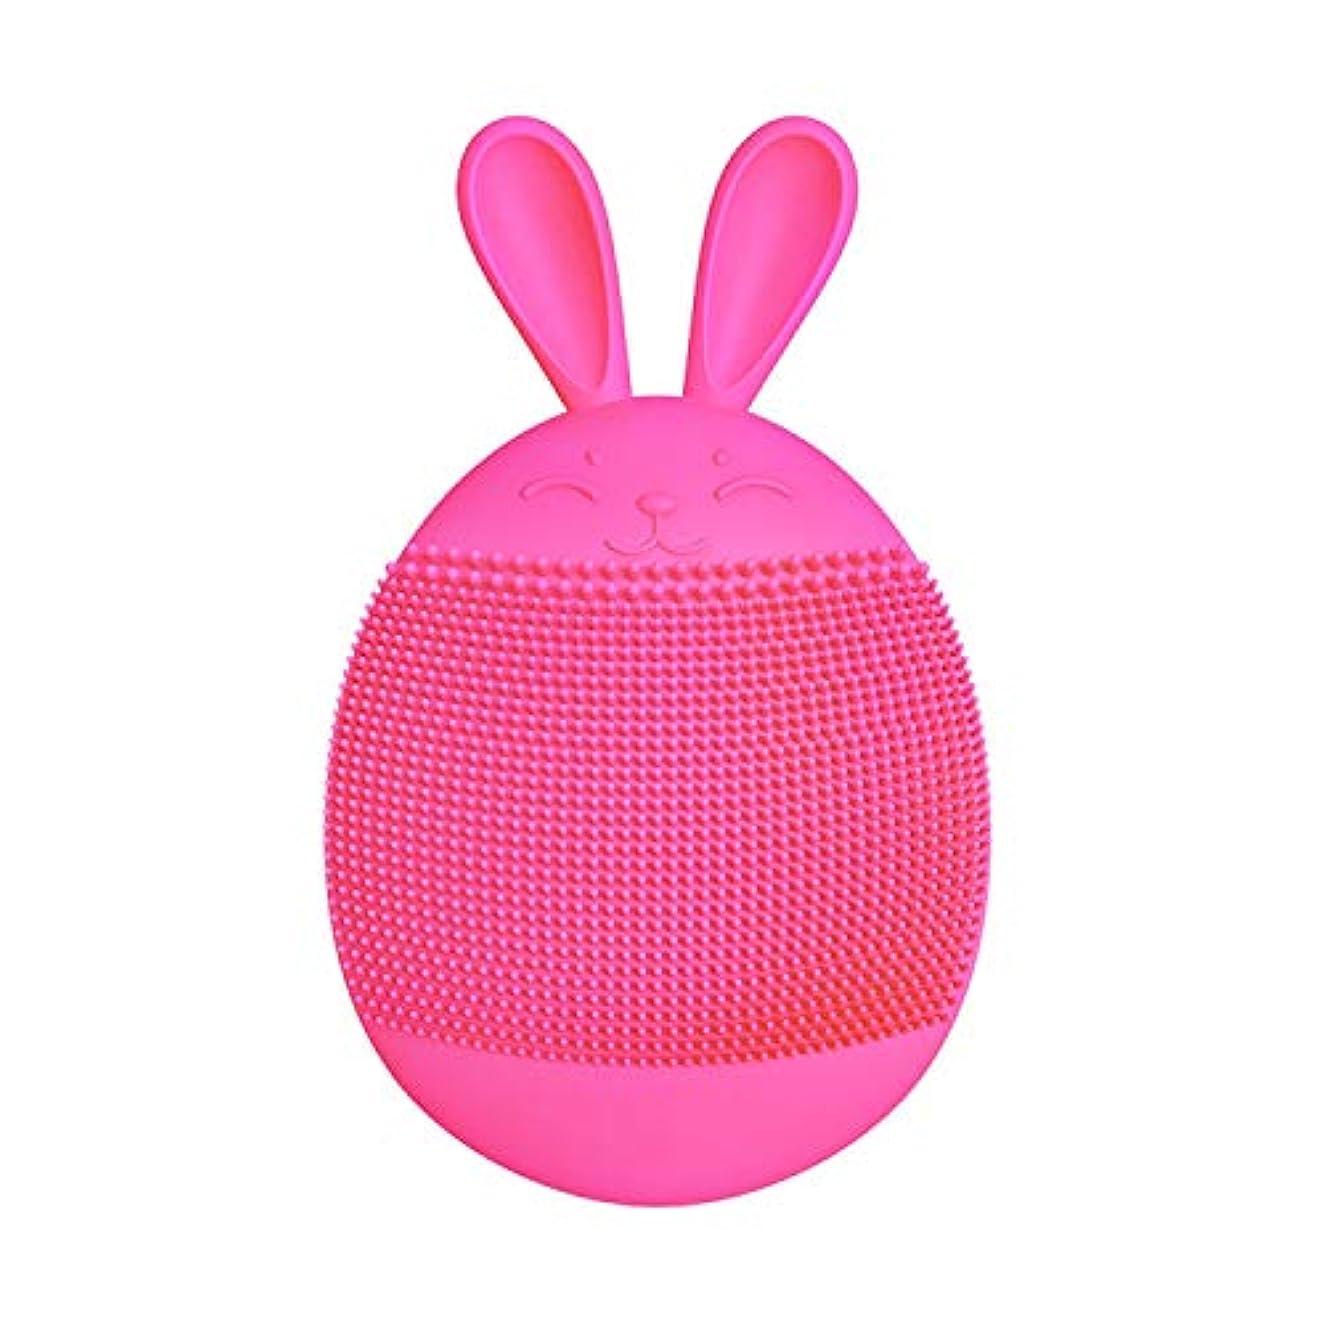 特性シャベルバーチャルクレンジングブラシ、シリコンハンドヘルド電動クレンジング楽器多機能ポータブル洗顔美容器具(ピンク),D